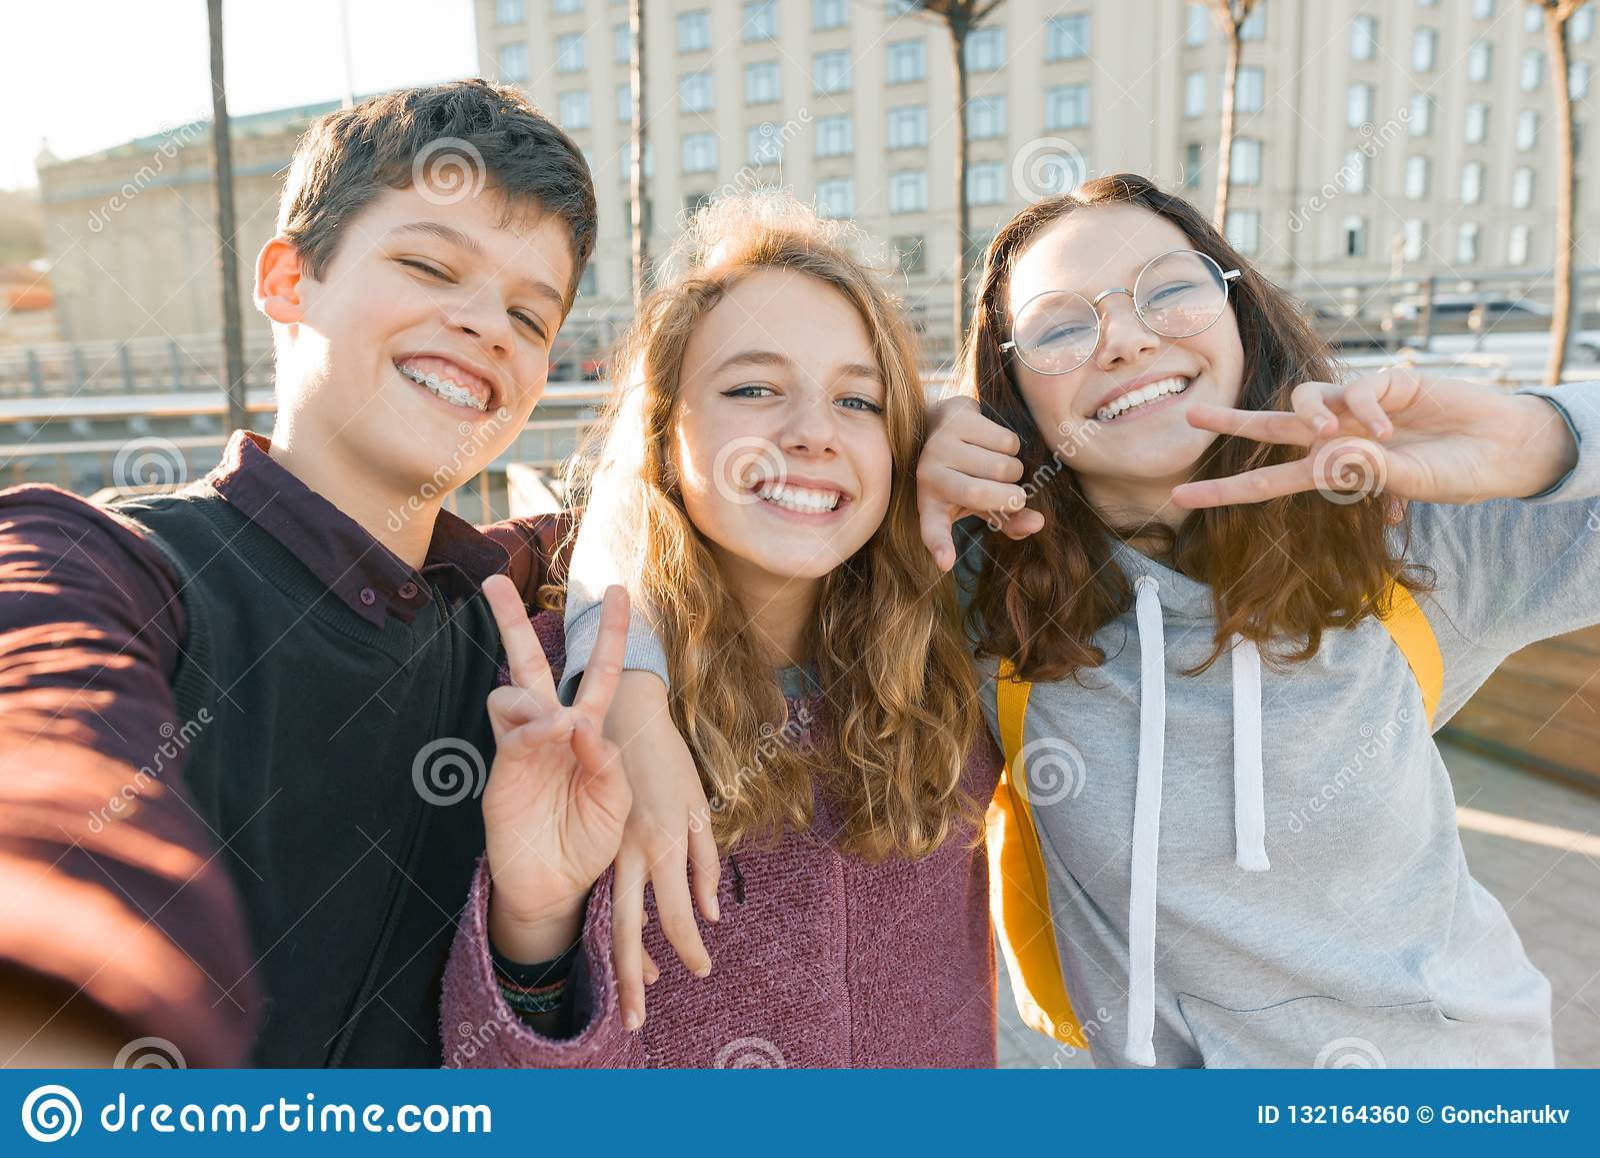 Retrato do menino adolescente de três amigos e duas das meninas que sorriem e que tomam um selfie fora Fundo da cidade, hora dour